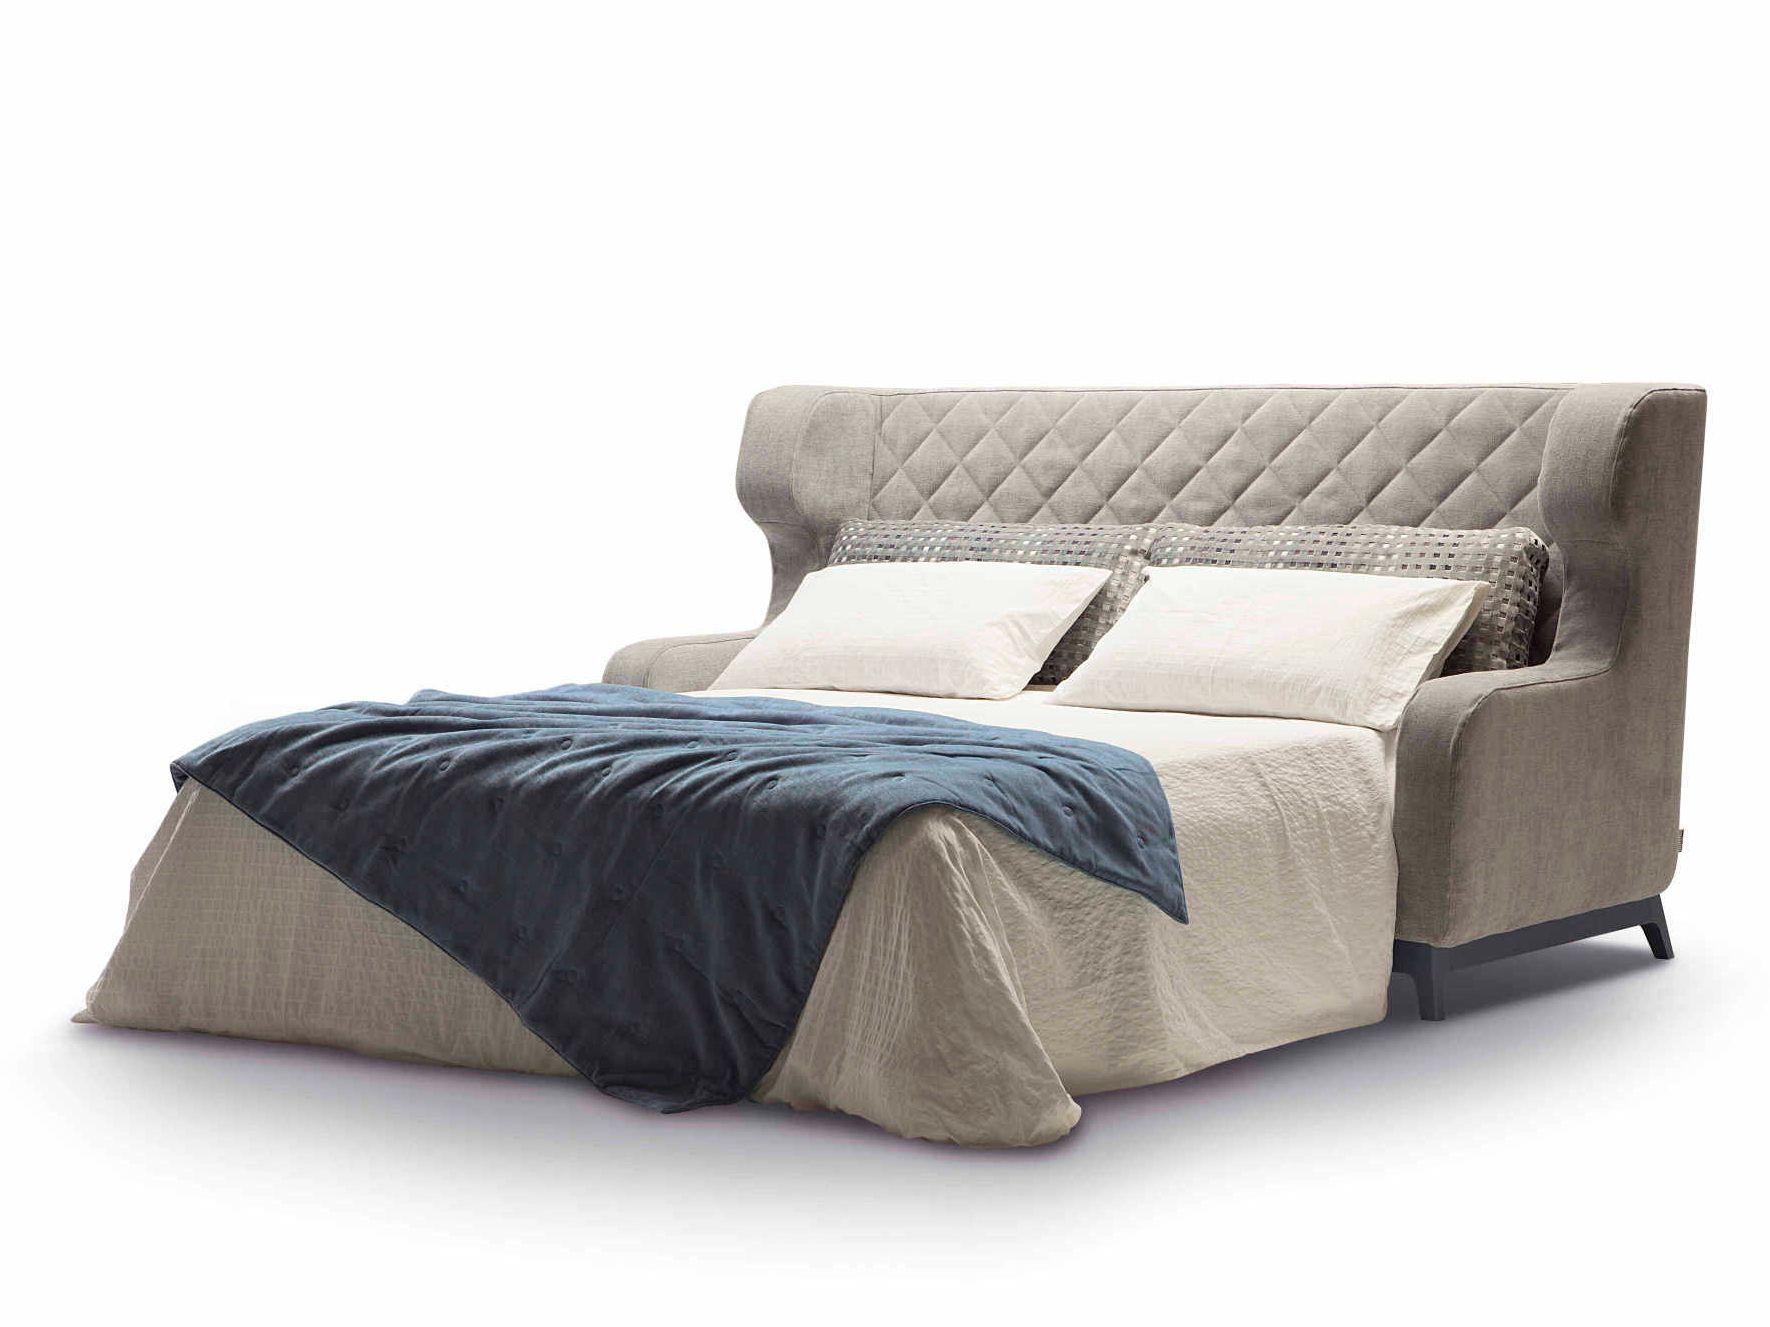 Divano letto imbottito in tessuto con schienale alto MORGAN by Milano Bedding...